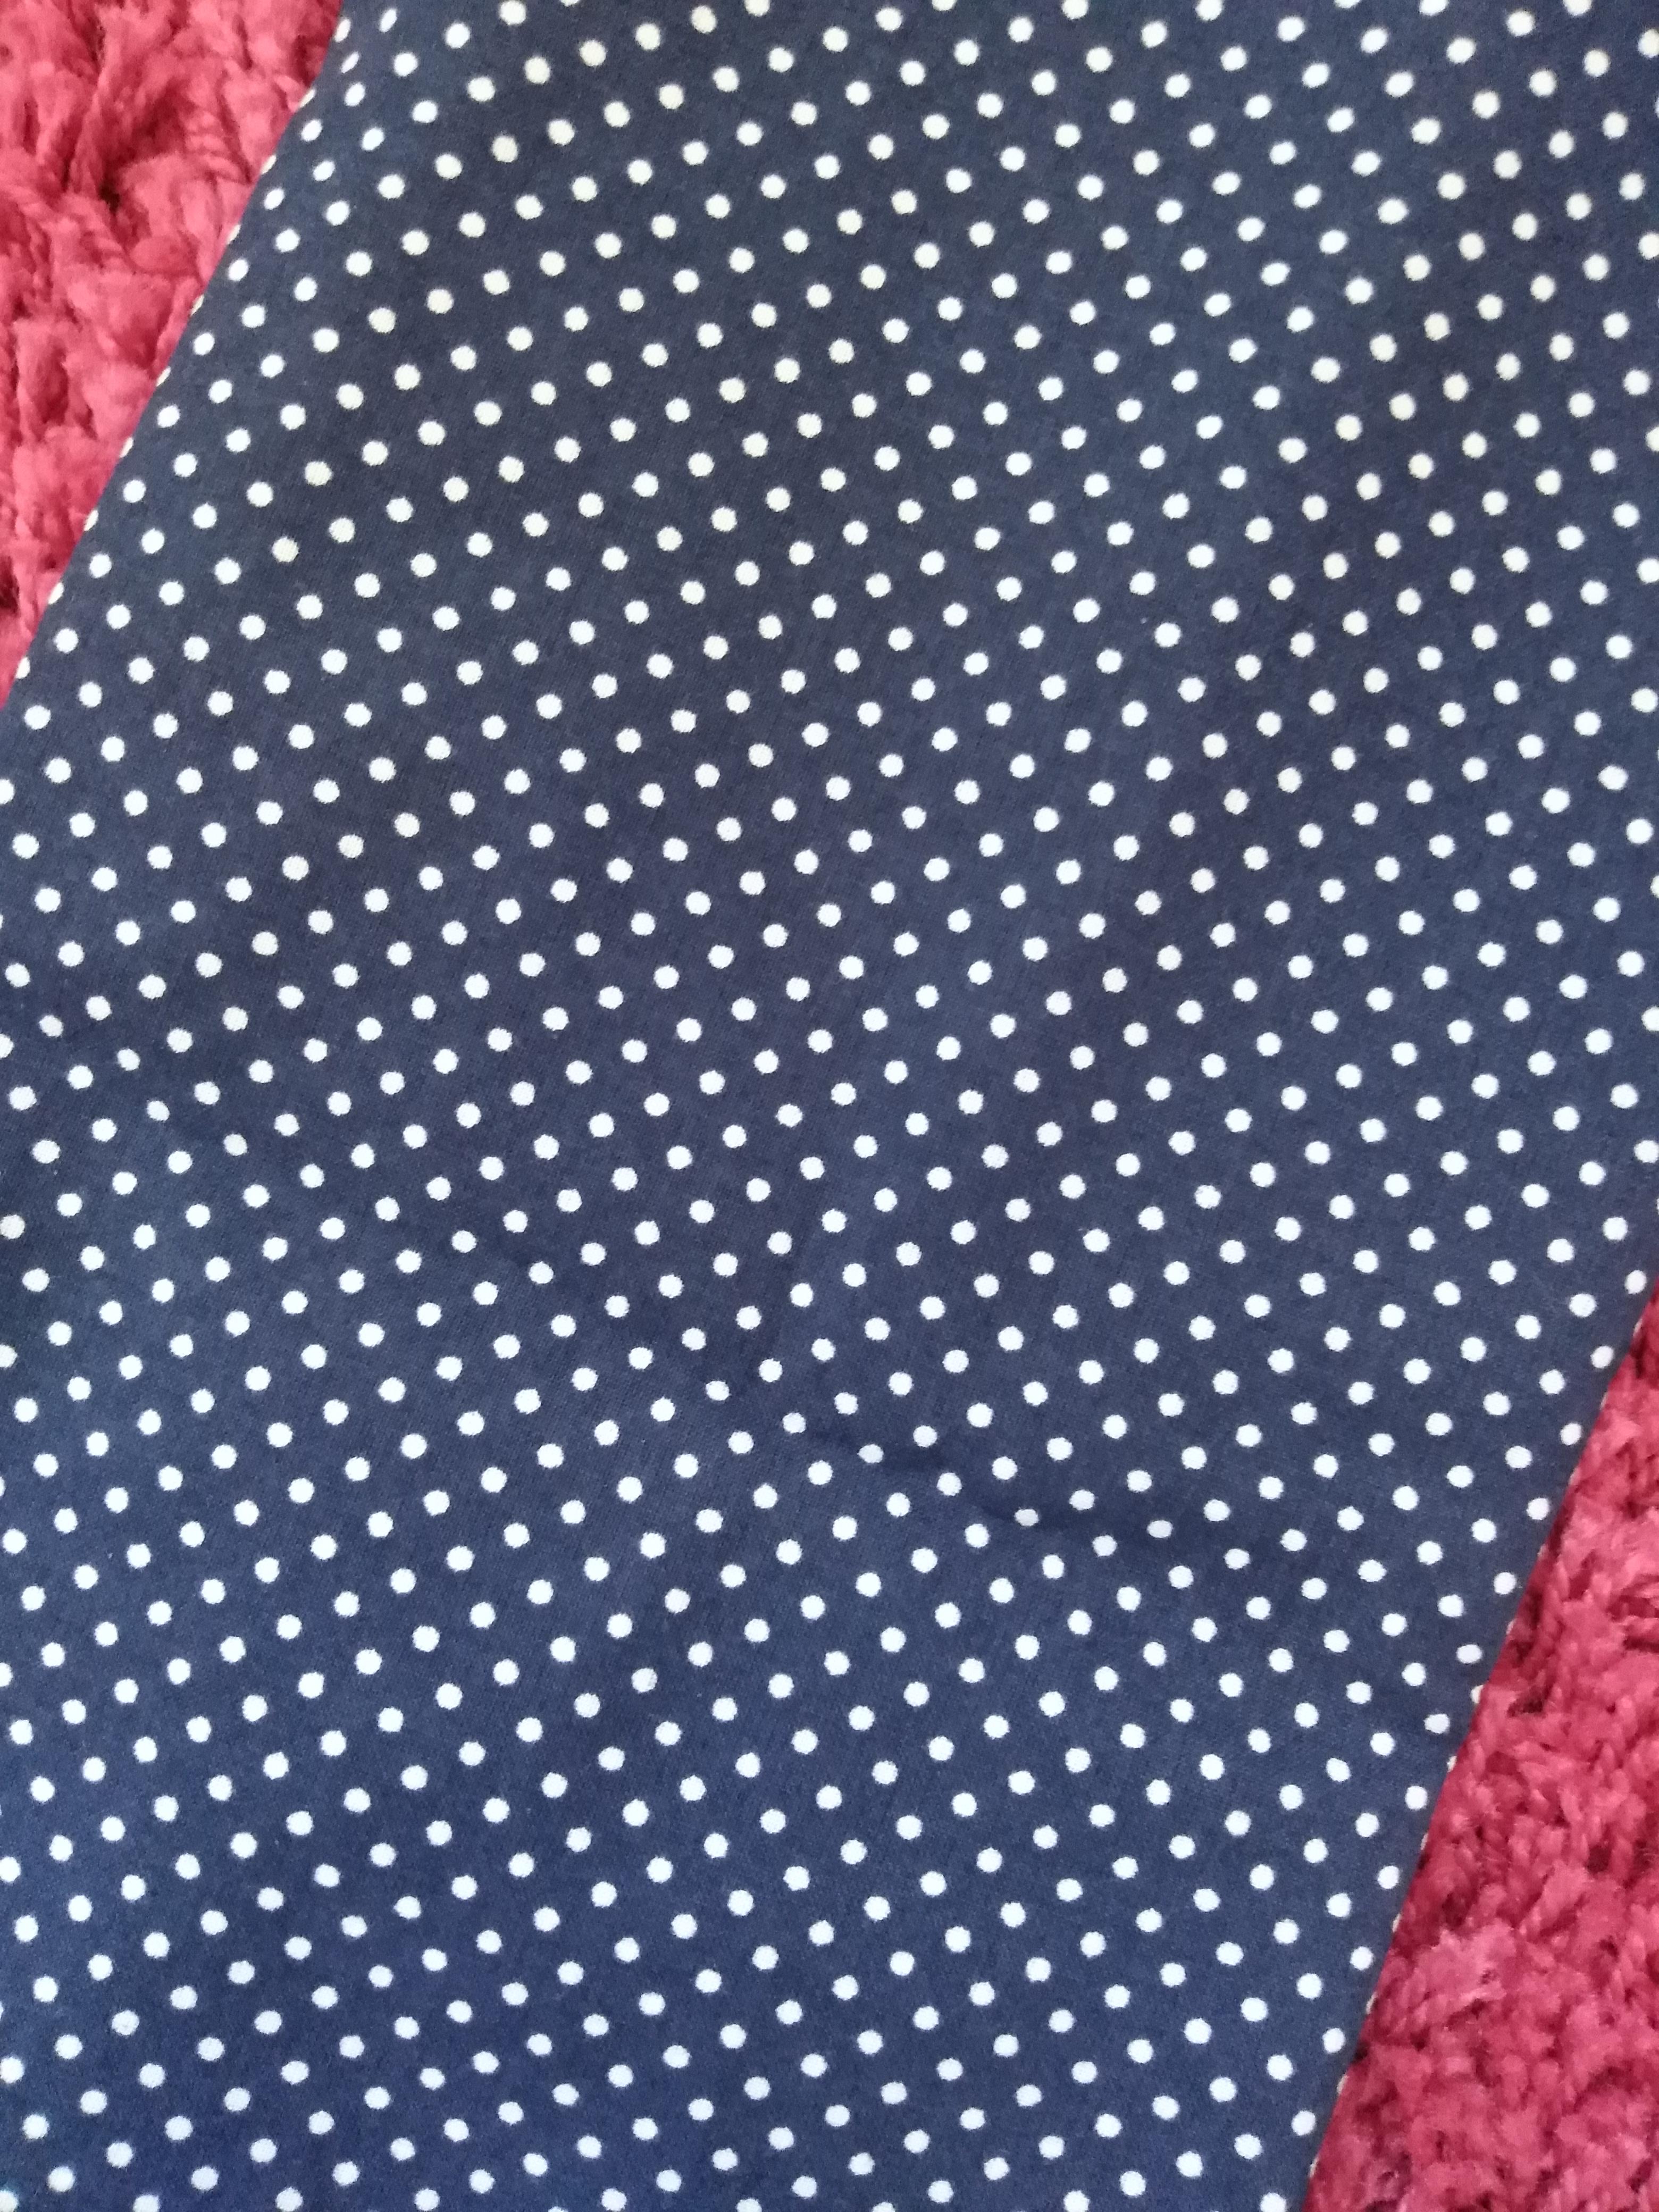 Bavlněný šátek 65 x 65 cm, modro bílý puntík 2 mm